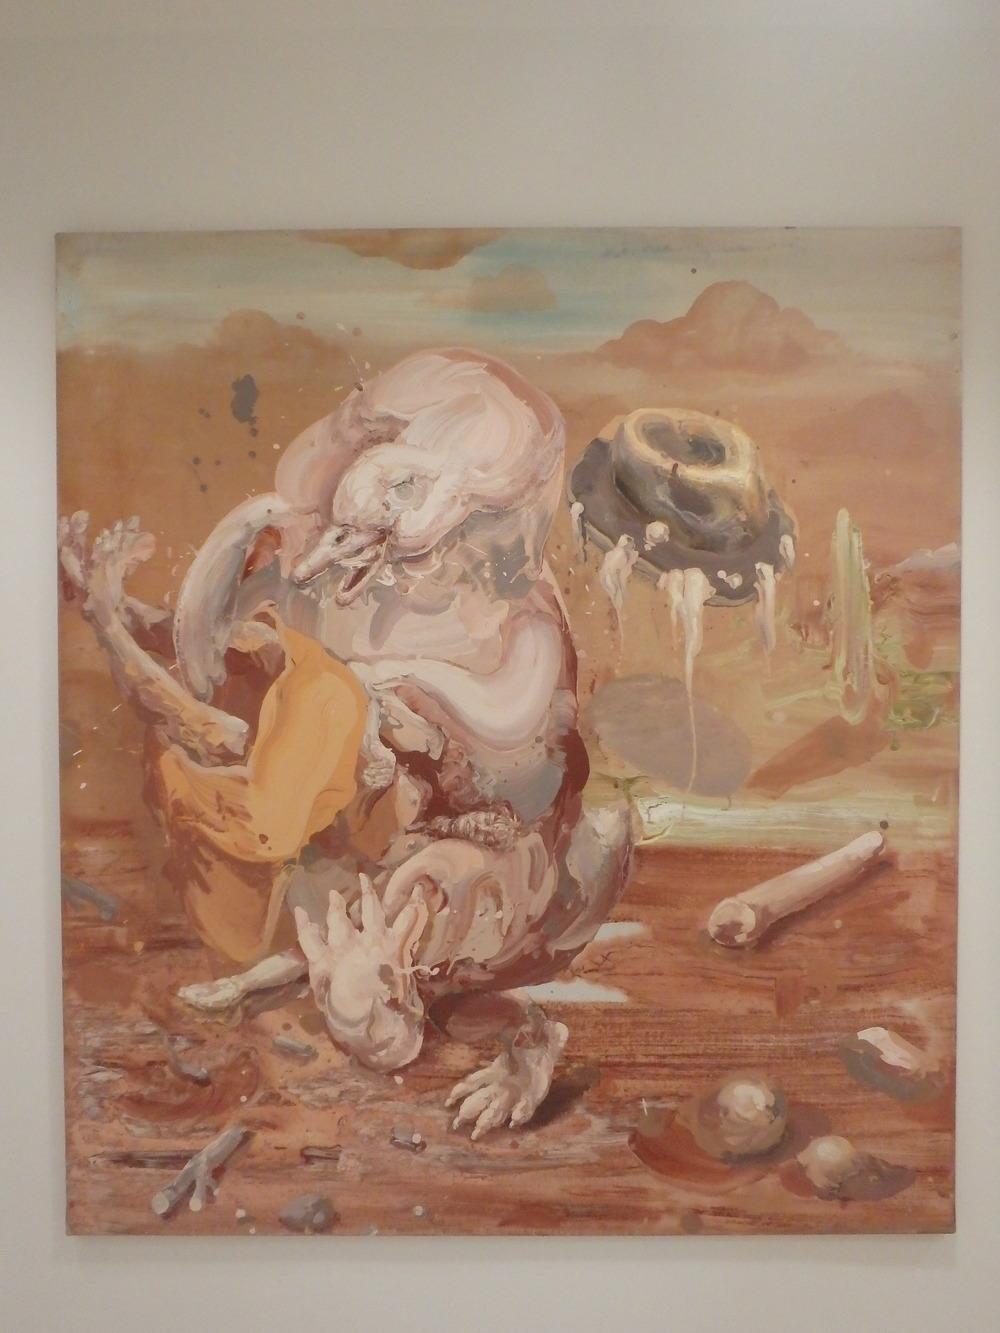 Michael Rittstein, Záblesk spontánní radosti, 2012, plátno, akryl, 160 x 180 cm